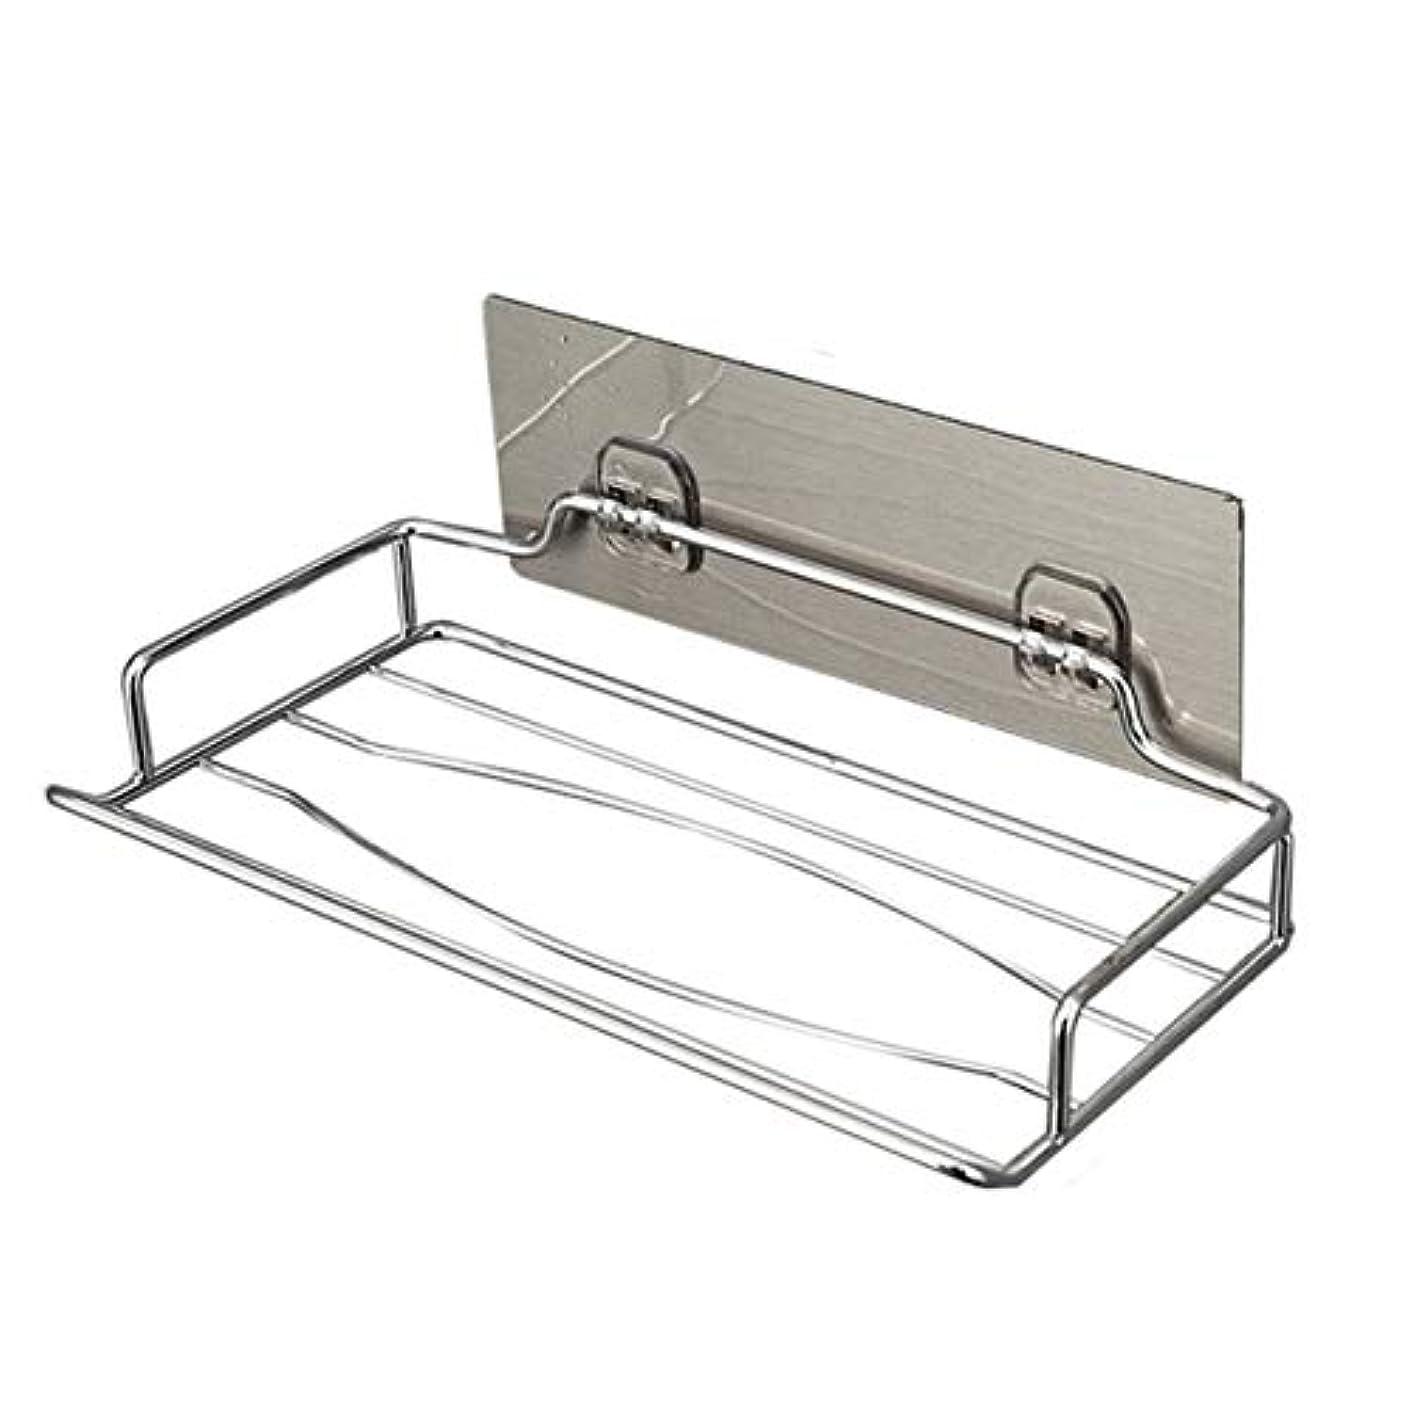 筋暖かさステップSaikogoods 実用的なデザインステンレススチール壁掛けトイレットペーパーホルダーホーム浴室キッチンペーパーティッシュボックスホルダーハンガー 銀